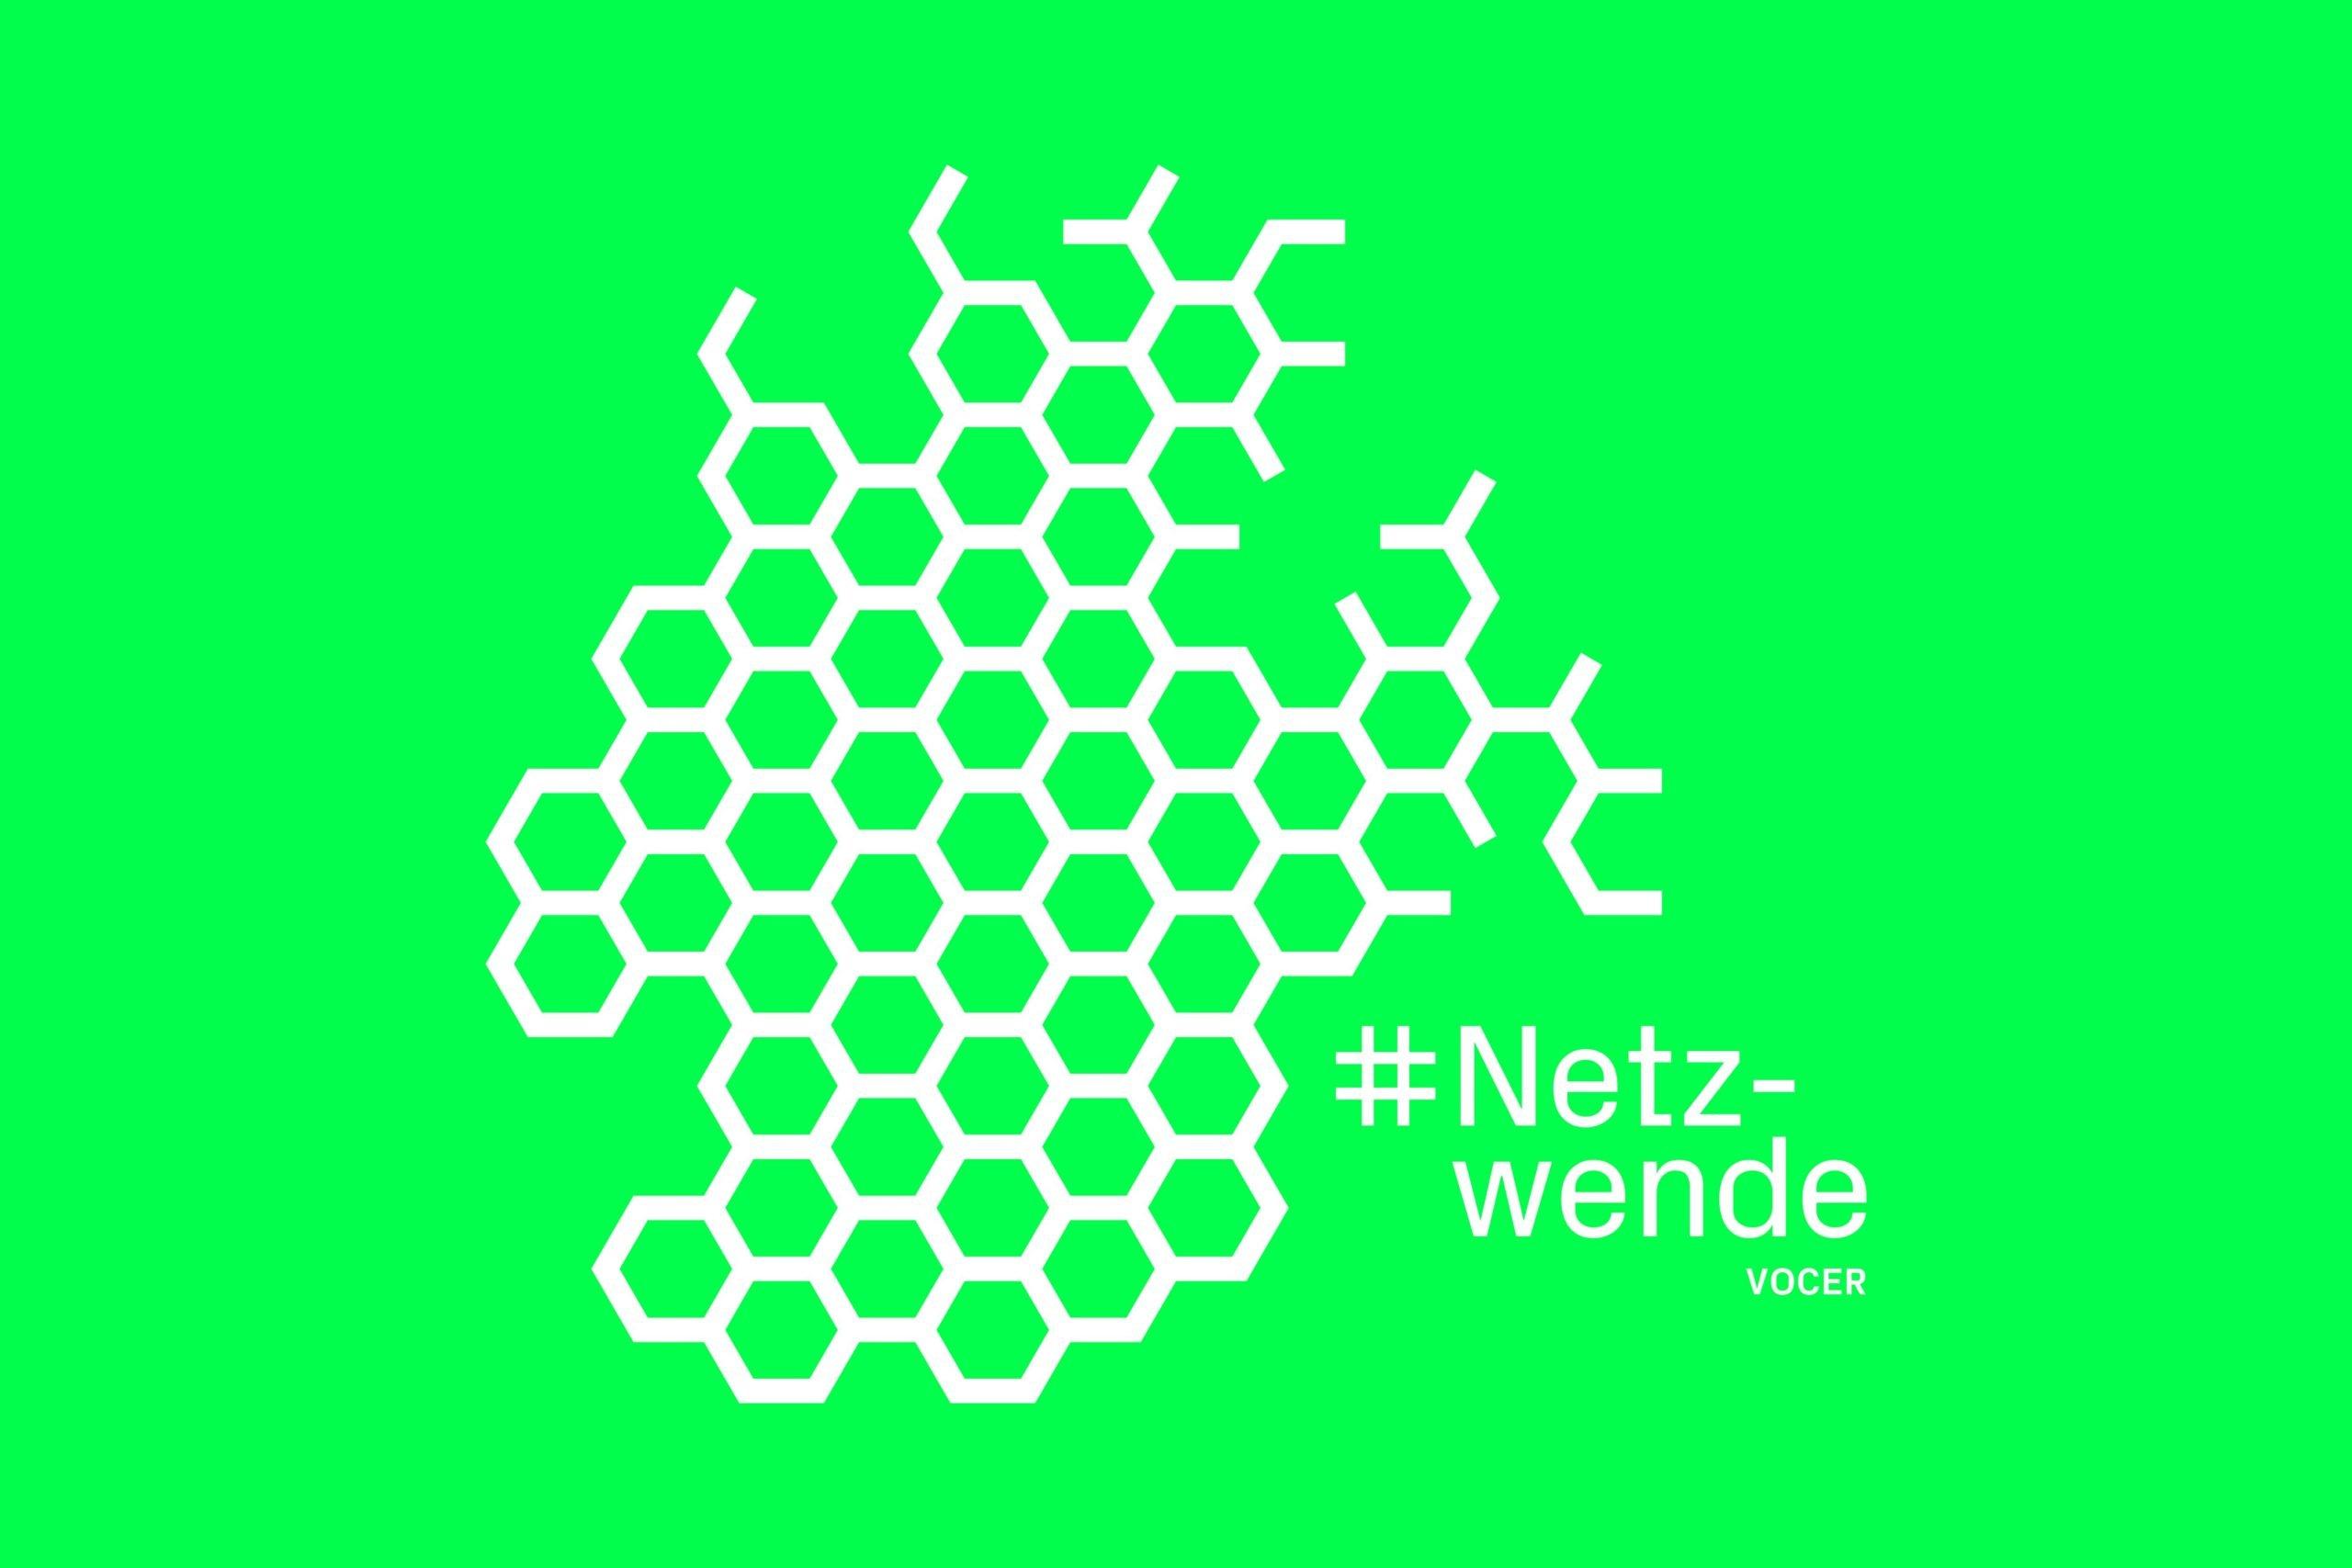 Logo des Netzwende Awards